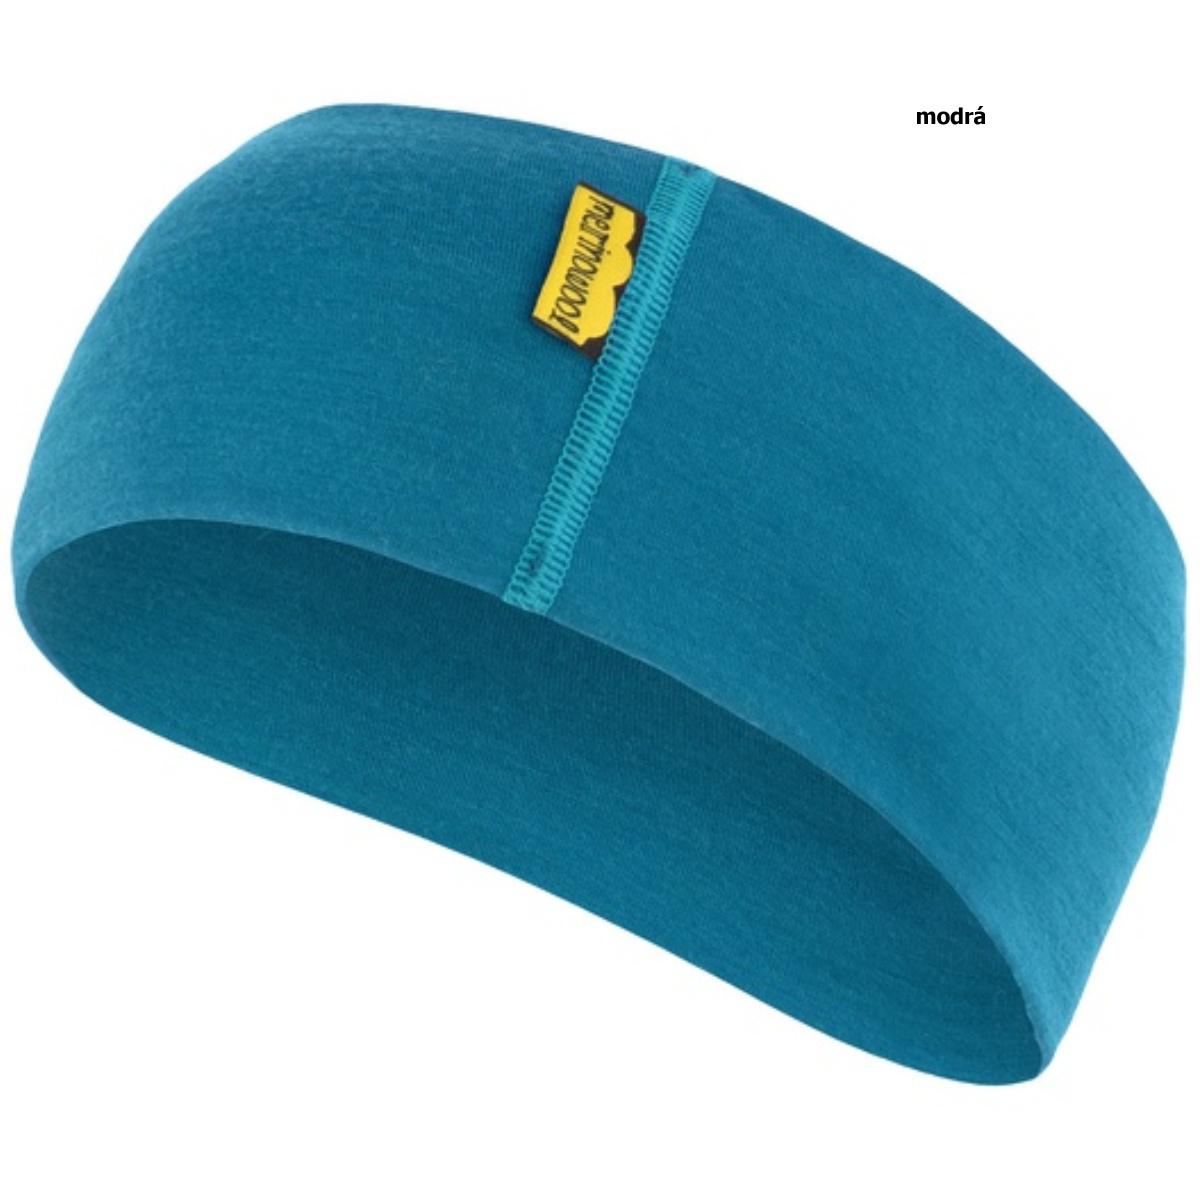 Sensor čelenka merino wool modrá